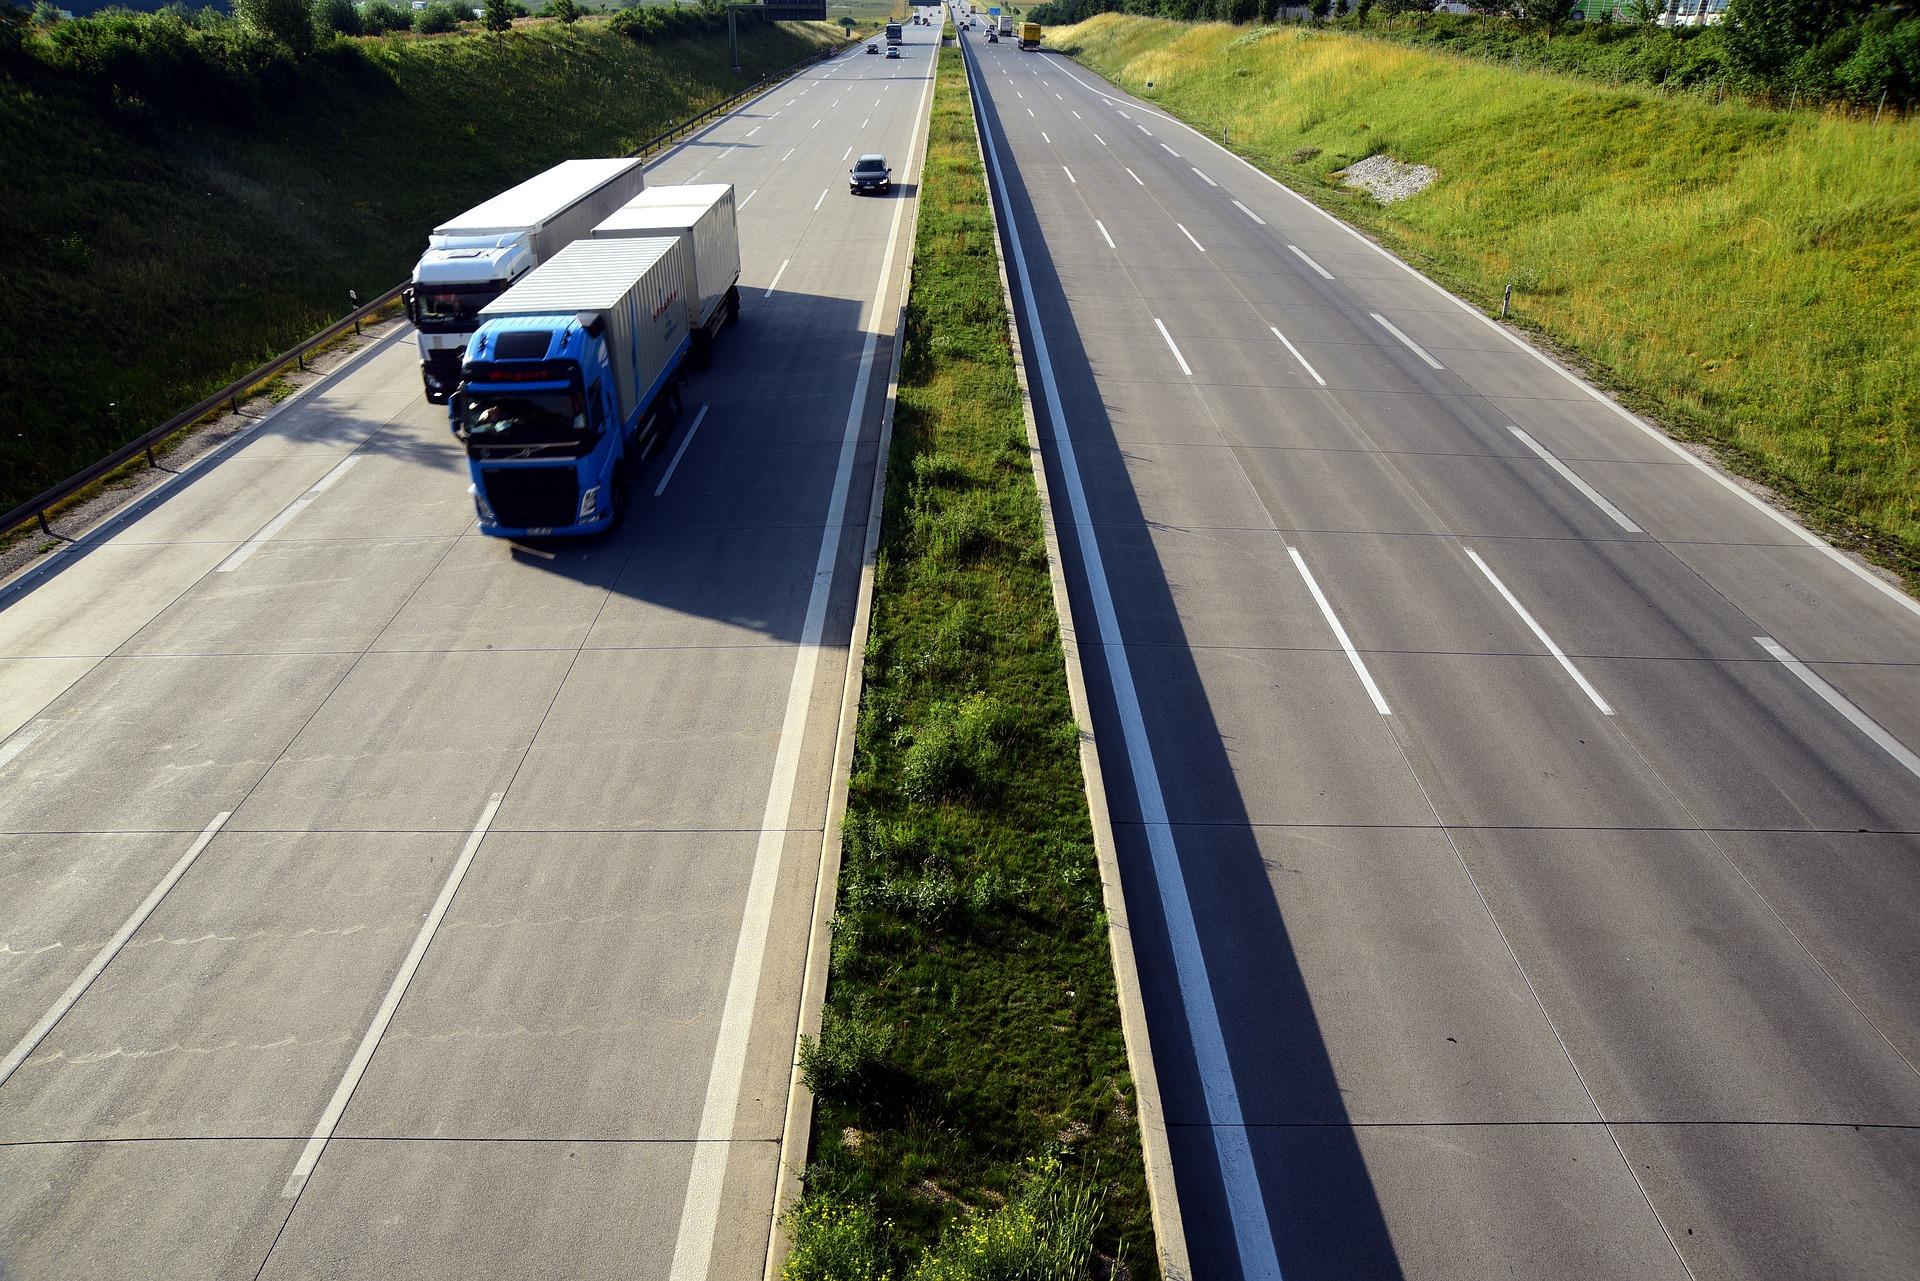 Autotrasporto: investimenti 2020/2021, finanziabili gli acquisti di nuovi veicoli